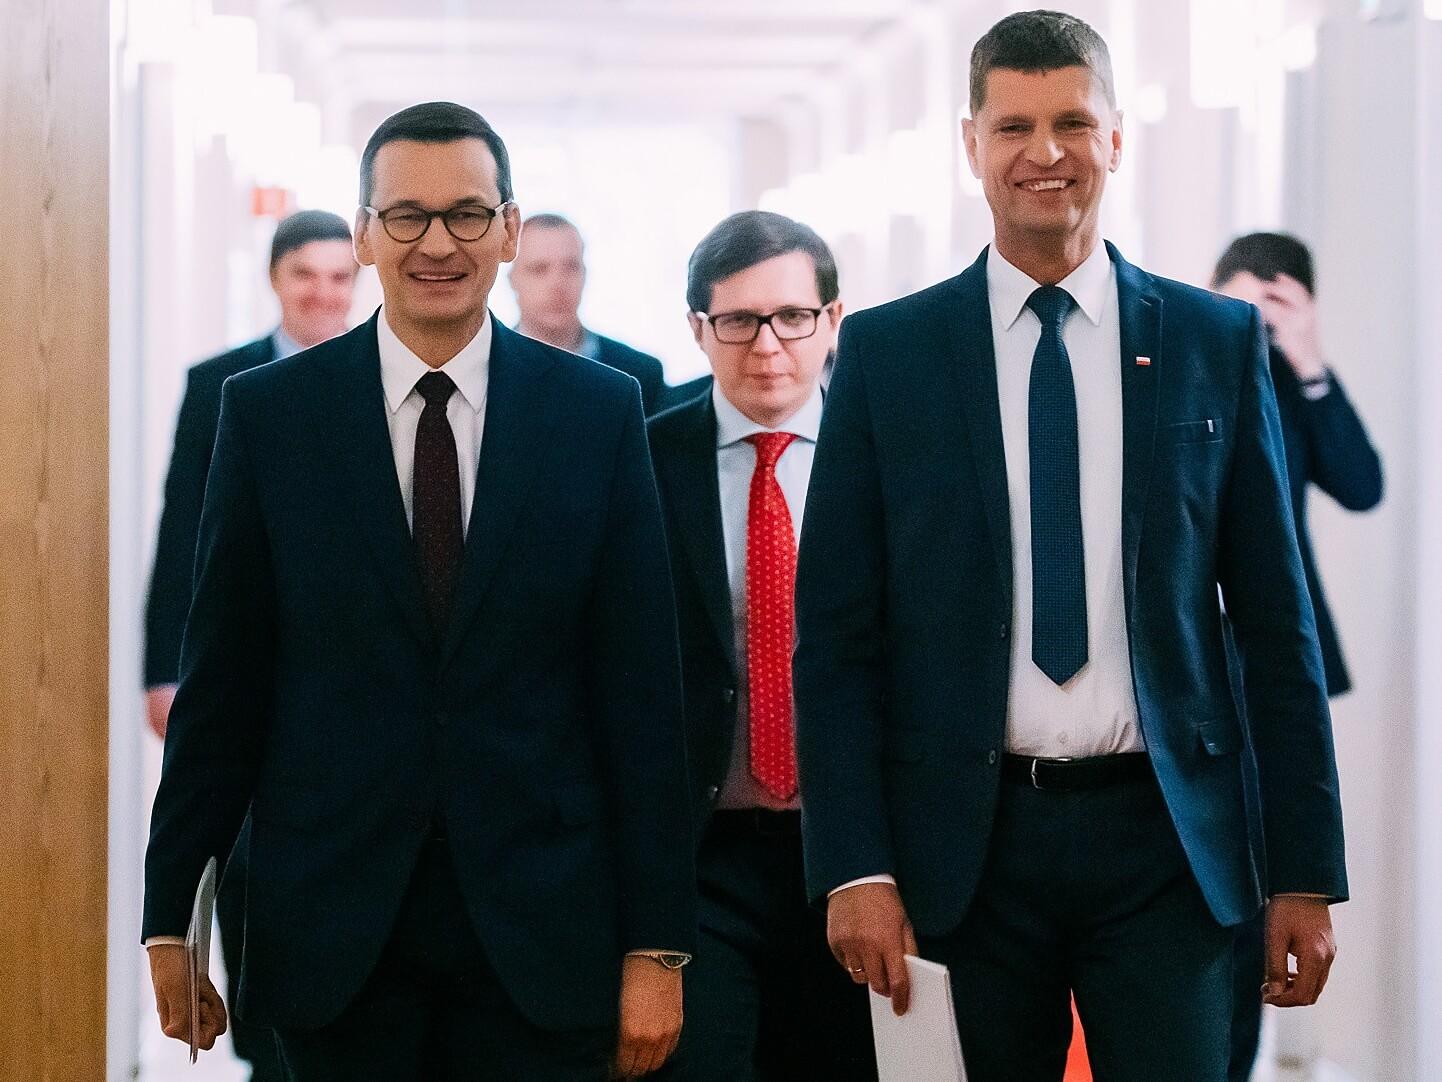 Na pierwszym planie premier Mateusz Morawiecki (z lewej) i minister edukacji Dariusz Piontkowski, konferencja prasowa na temat znoszenia ograniczeń związanych z COVID-19. Warszawa, 13 maja 2020 r.